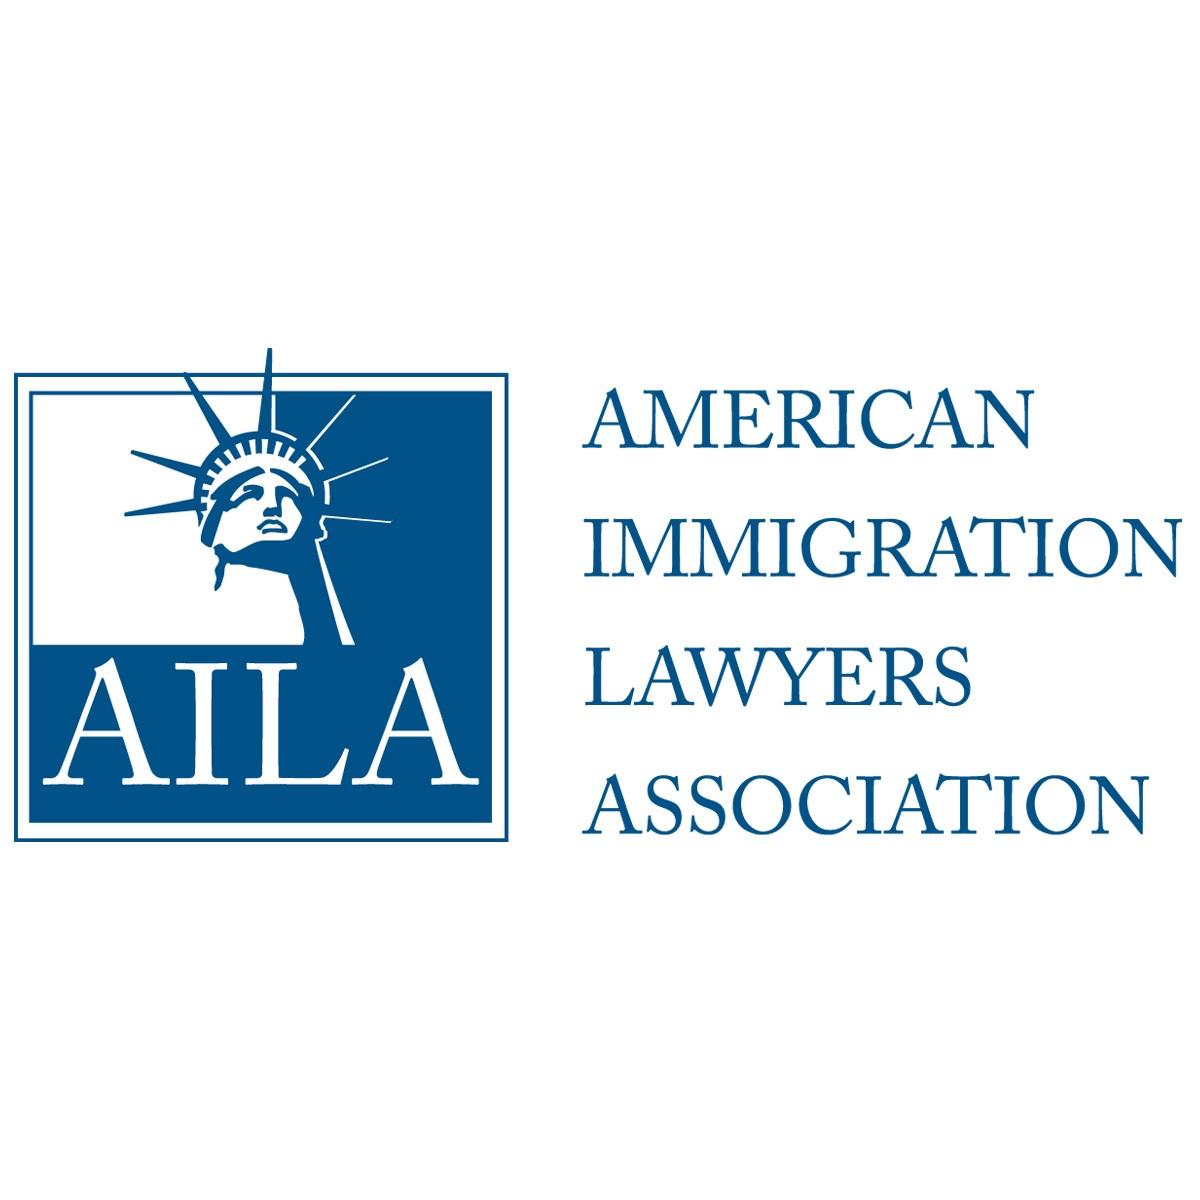 Aila american immigration lawyers association xflitez Images